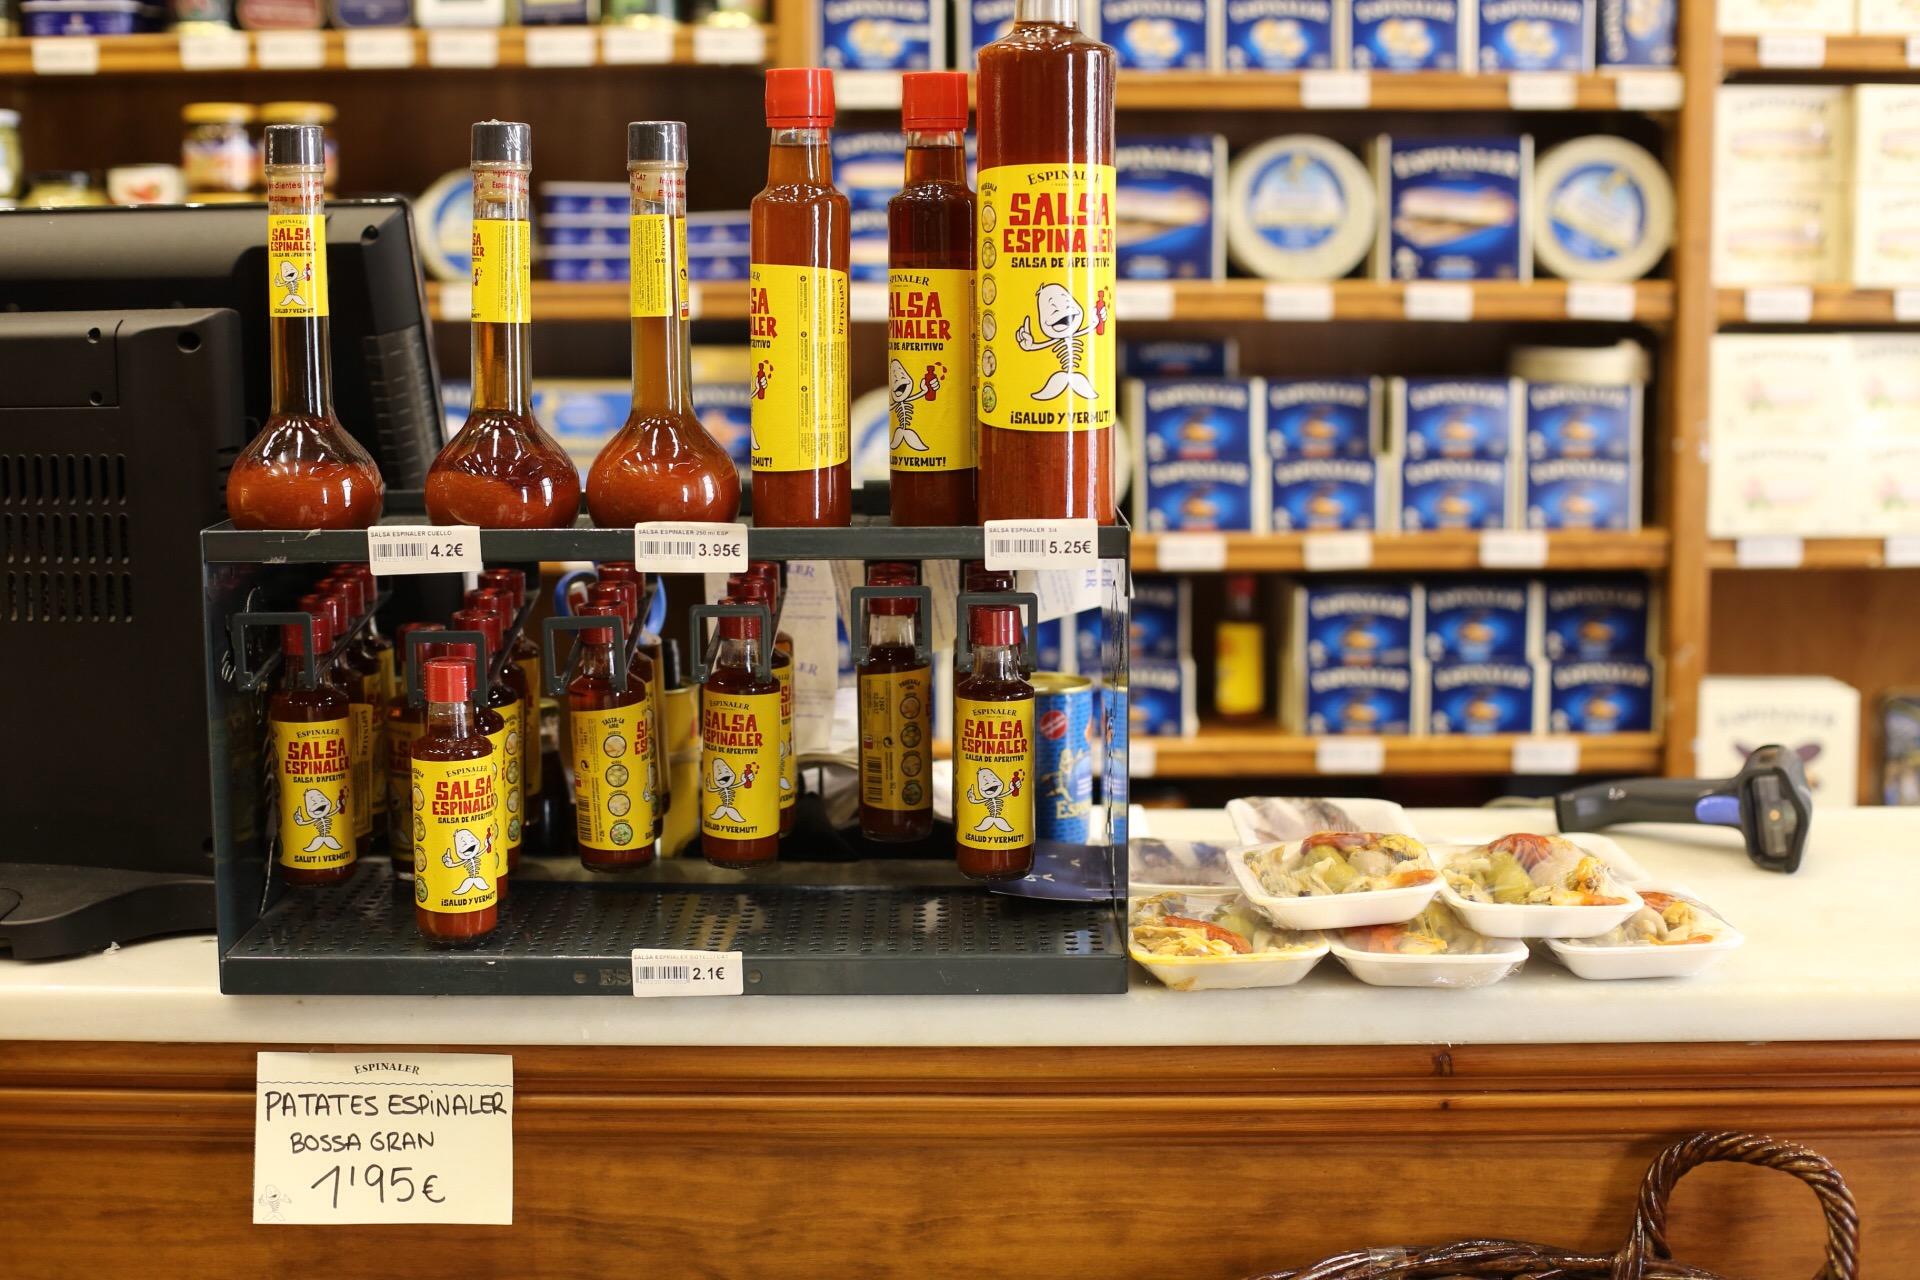 La tienda donde venden su salsa entre otros productos